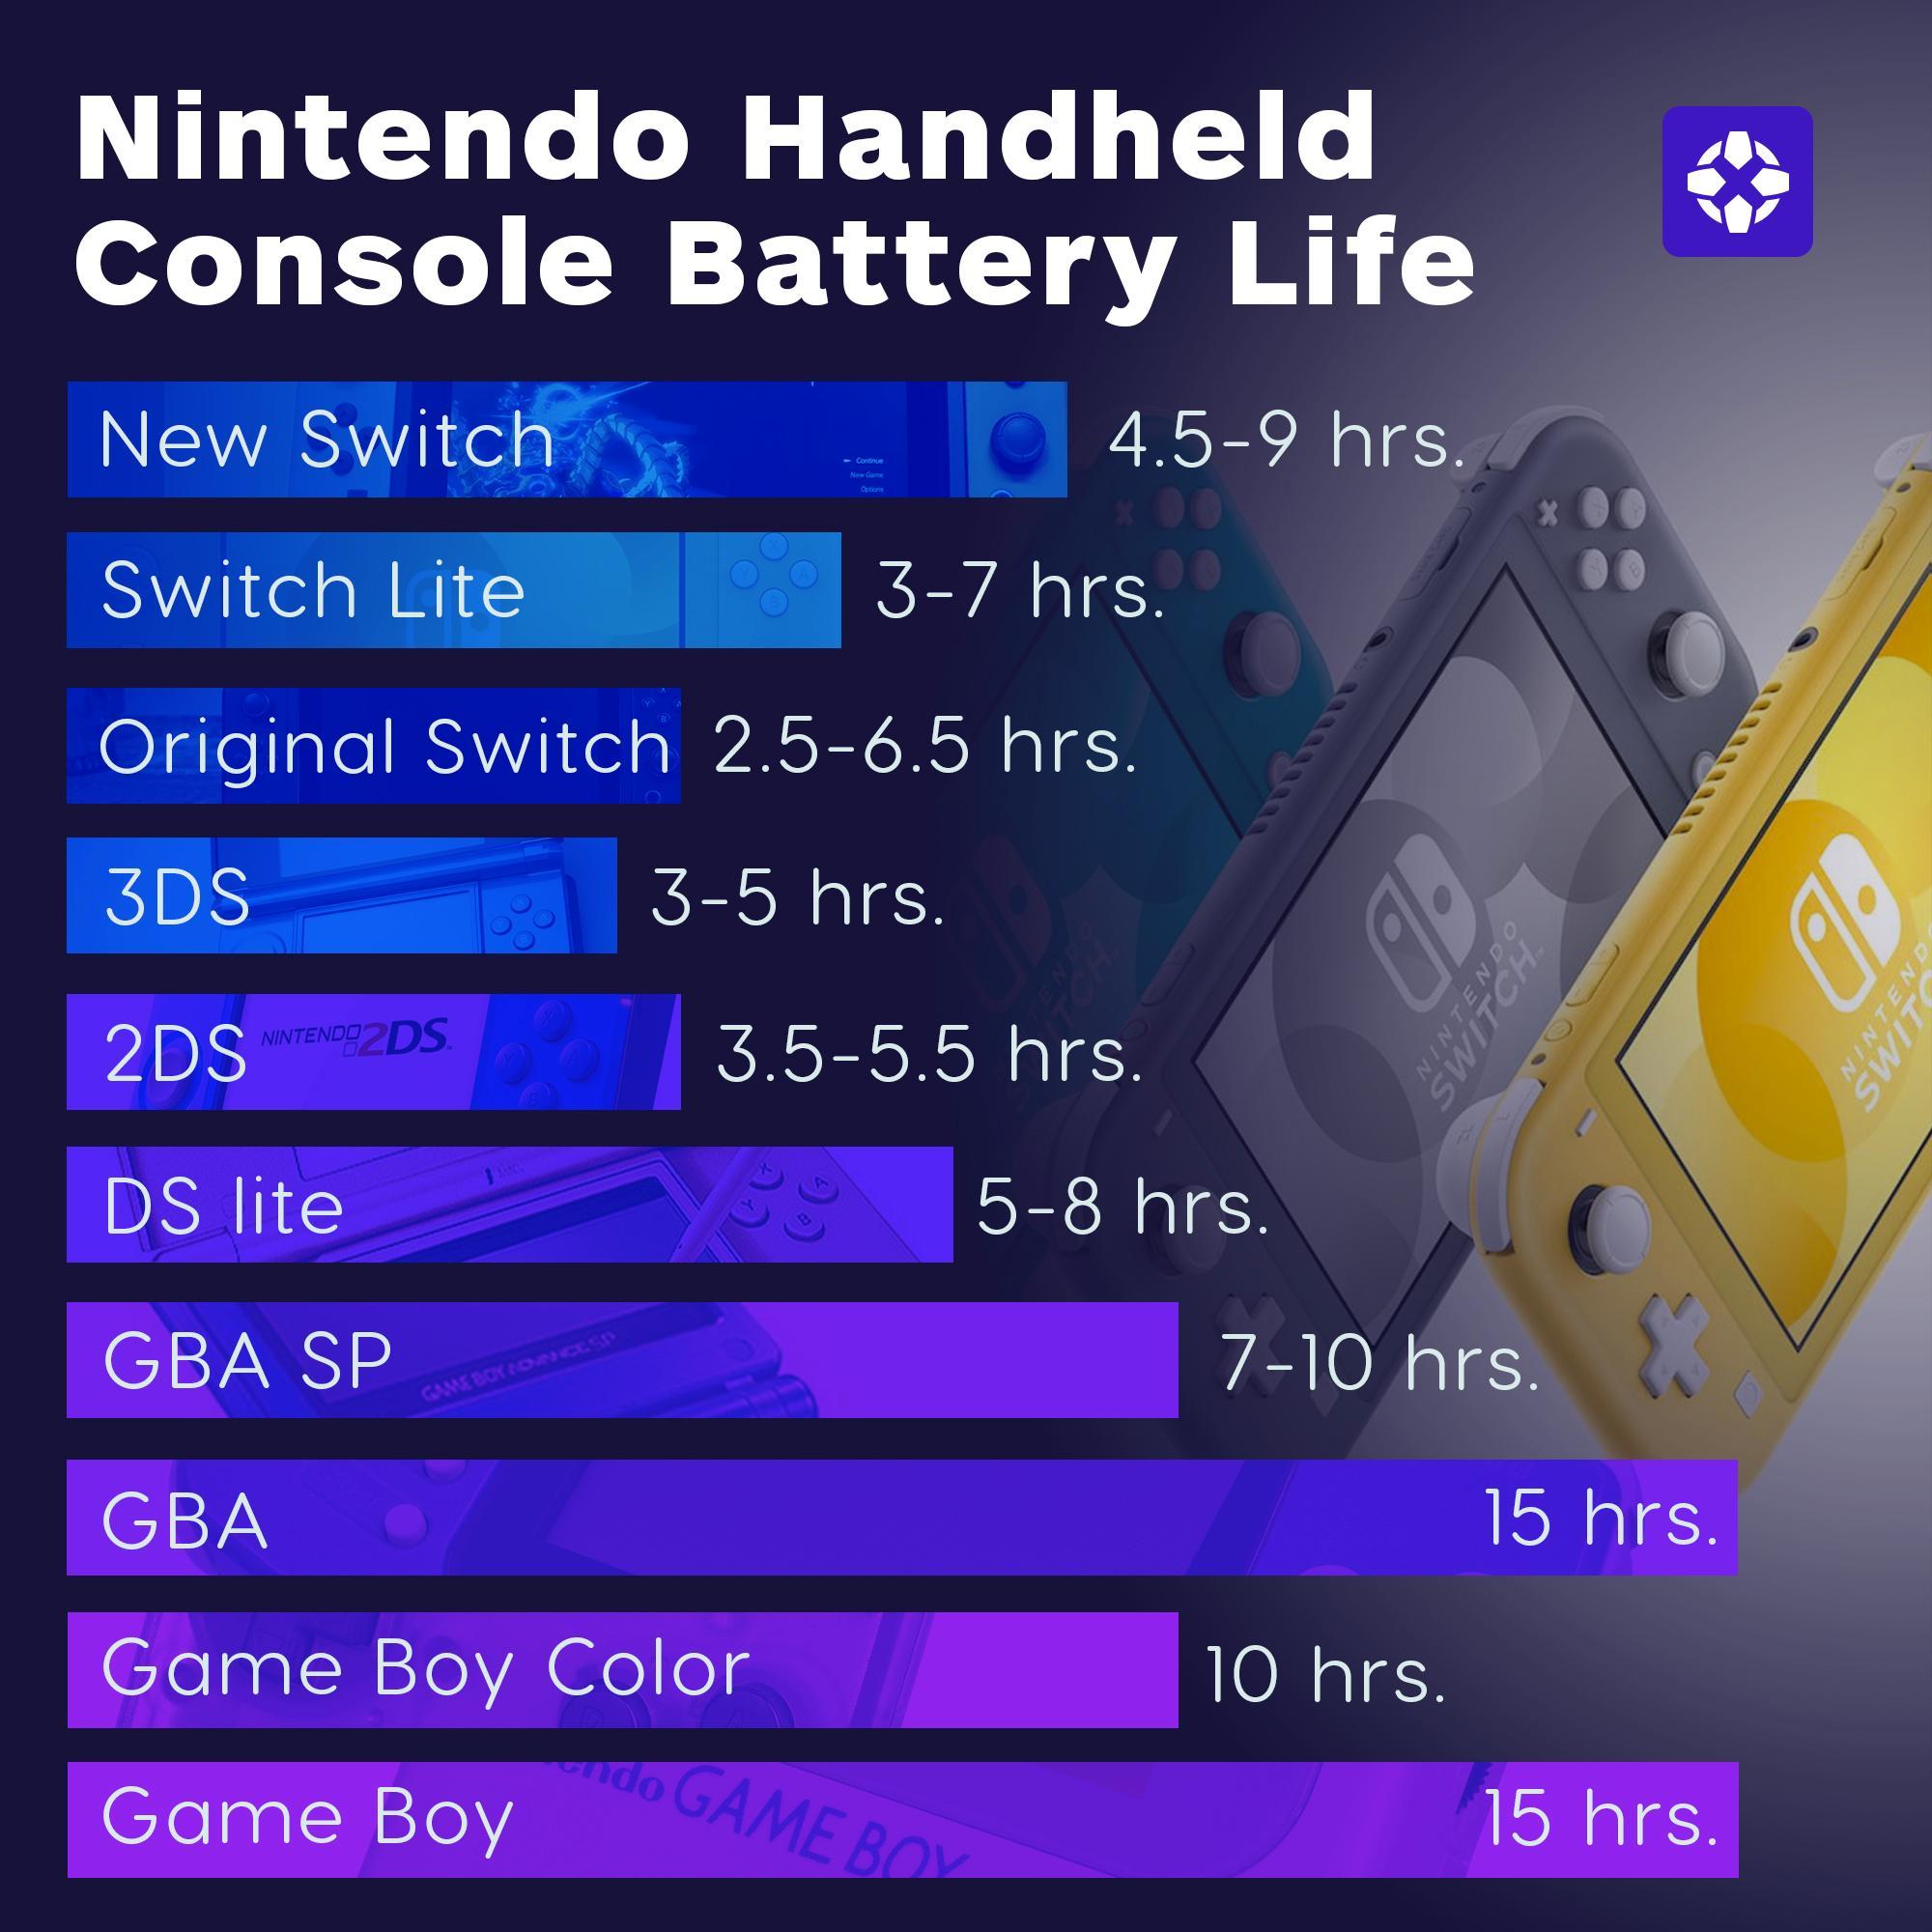 任天堂所有掌机续航能力对比!GameBoy 15小时雄踞第一